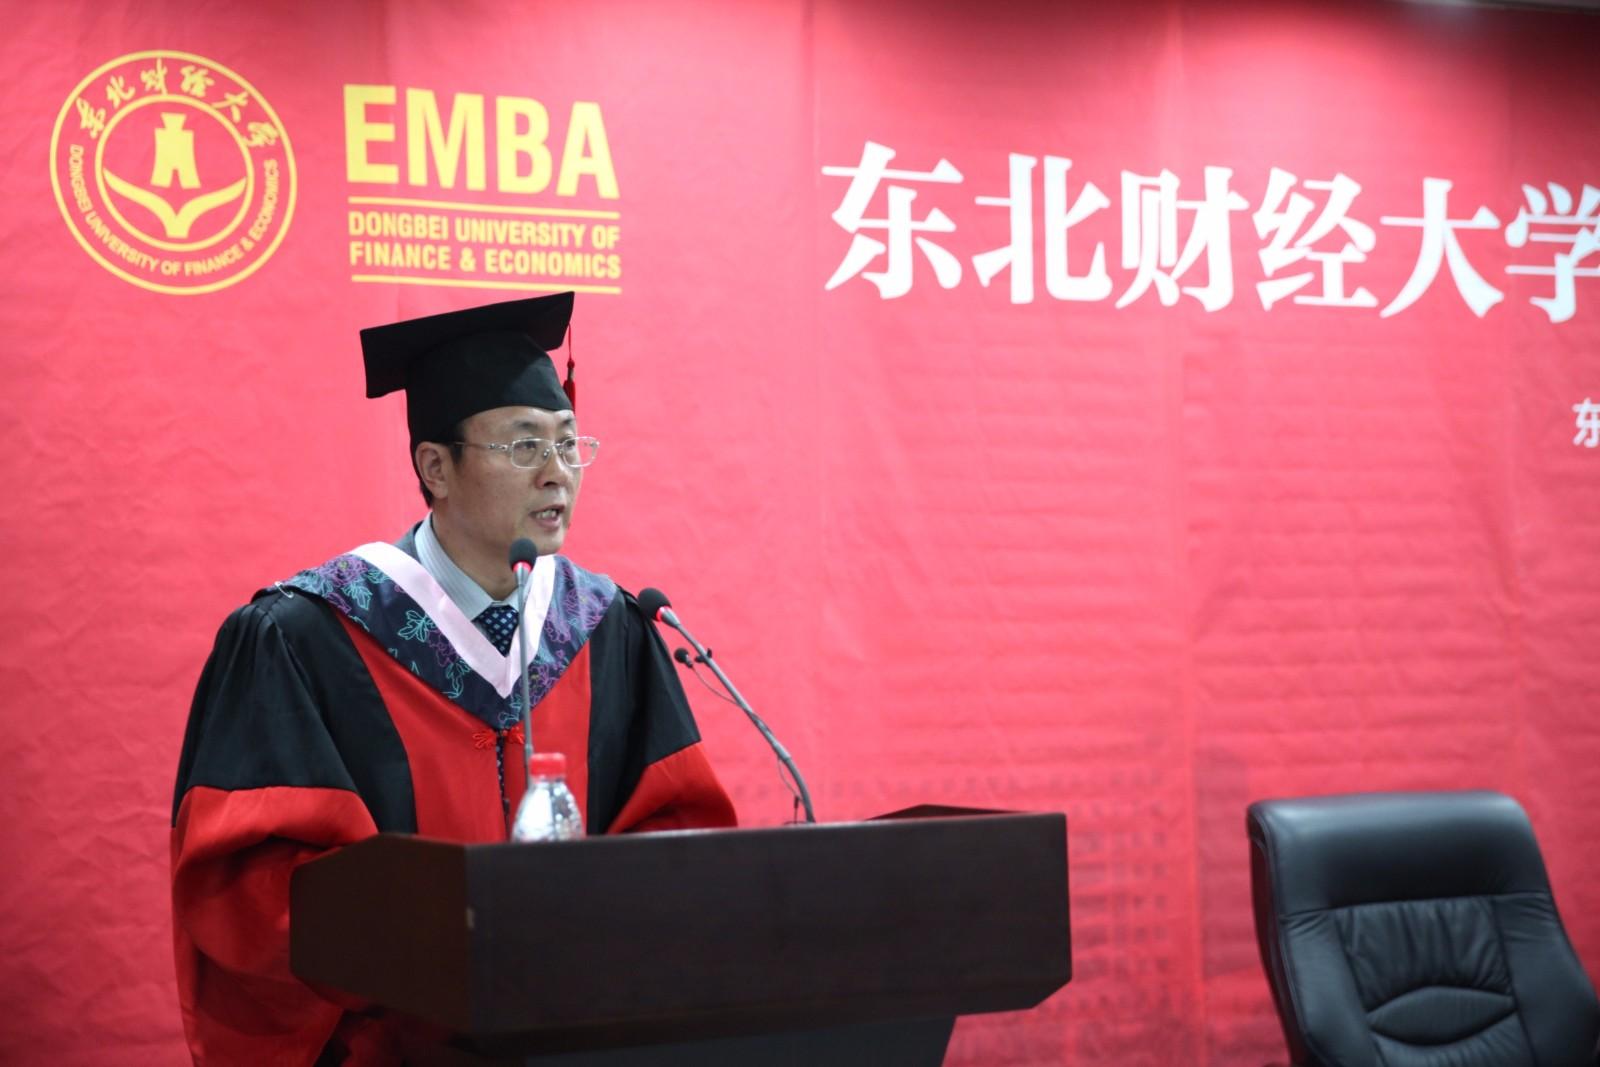 东北财经大学2015级EMBA学位授予仪式-